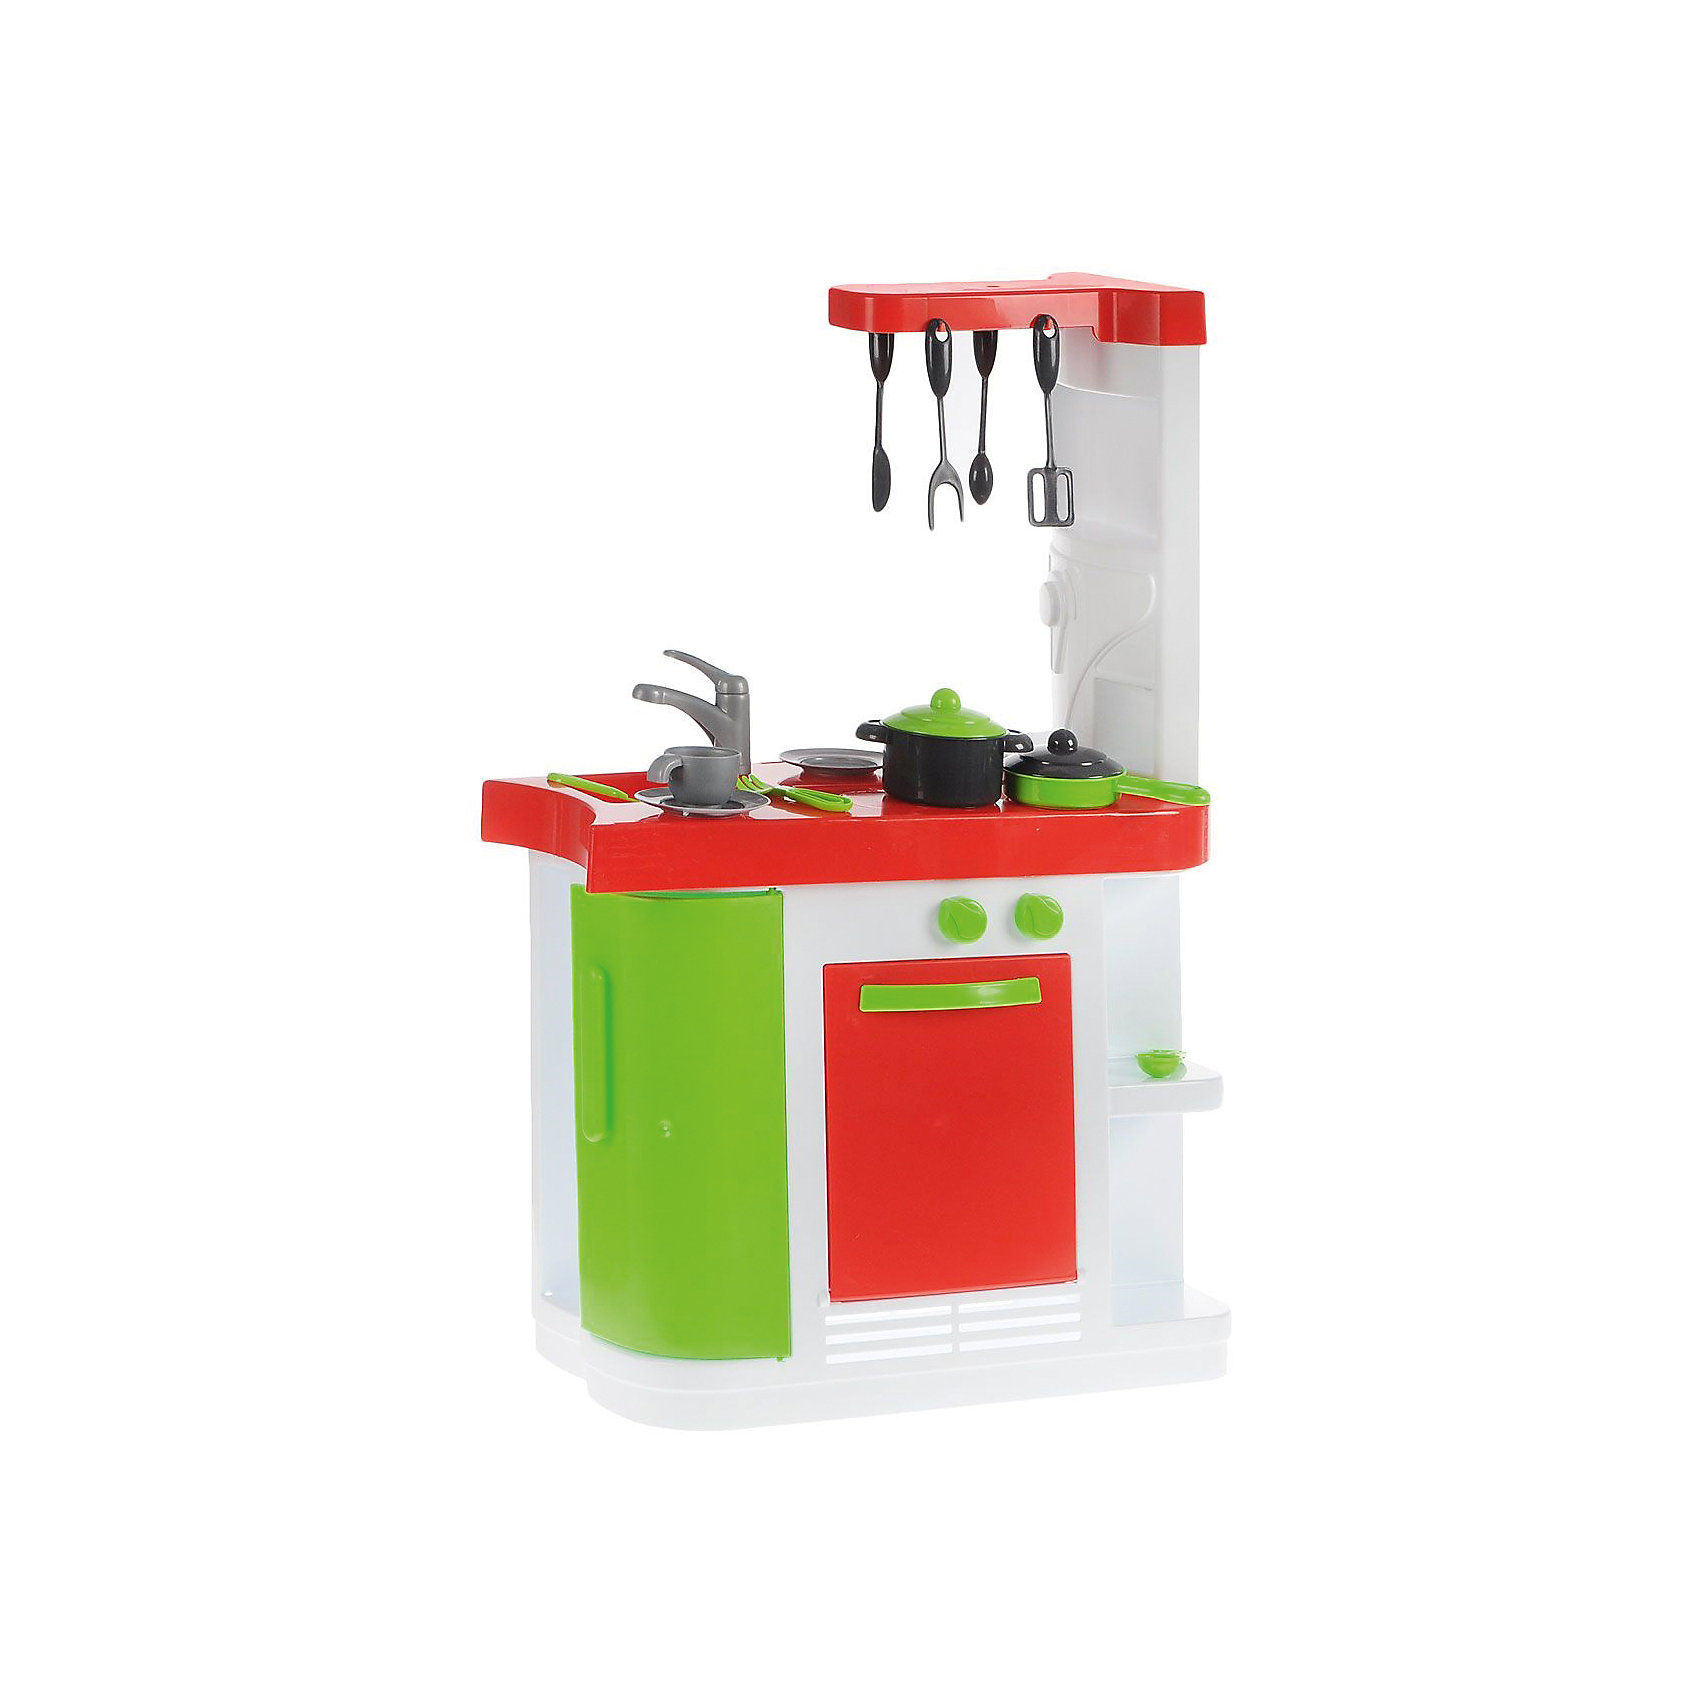 Кухня, 82 смКухня, 82 см<br><br>Характеристики:<br><br>- Материал: пластик<br>- В комплект входит: кухонный модуль, посуда<br>- Размер упаковки: 60 * 25 * 49 см.<br>- Размер собранного модуля: 82,5 * 26 * 55 см.<br>- Вес: 4,3 кг.<br><br>Яркая и современная кухня от испанской фирмы Palau Toys (Палау Тойс) - неотъемлемая часть игр в кухню и кулинарию. Эта функциональная кухня  состоит из всего необходимого и выглядит как современная кухонная стойка с верхней полочкой и держателем для посуды. Духовой шкаф открывается и имеет специальные ручки которые поворачиваются, четыре полочки с разных сторон отлично вмещают посуду, дверца встроенного холодильника тоже открывается. В комплект входит яркая посуда: кастрюля, сковорода, чашка, тарелка, ложка, вилка, нож, и приборы для готовки. С такой игрушкой ребенок сможет играть в домашнюю кухню или даже ресторан. Играя с кухней ребенок сможет развить воображение, моторику рук и социальные навыки за счет ситуацинно-ролевых игр.<br><br>Кухню, 82 см. можно купить в нашем интернет-магазине.<br><br>Ширина мм: 490<br>Глубина мм: 250<br>Высота мм: 600<br>Вес г: 4330<br>Возраст от месяцев: 36<br>Возраст до месяцев: 60<br>Пол: Унисекс<br>Возраст: Детский<br>SKU: 5054051